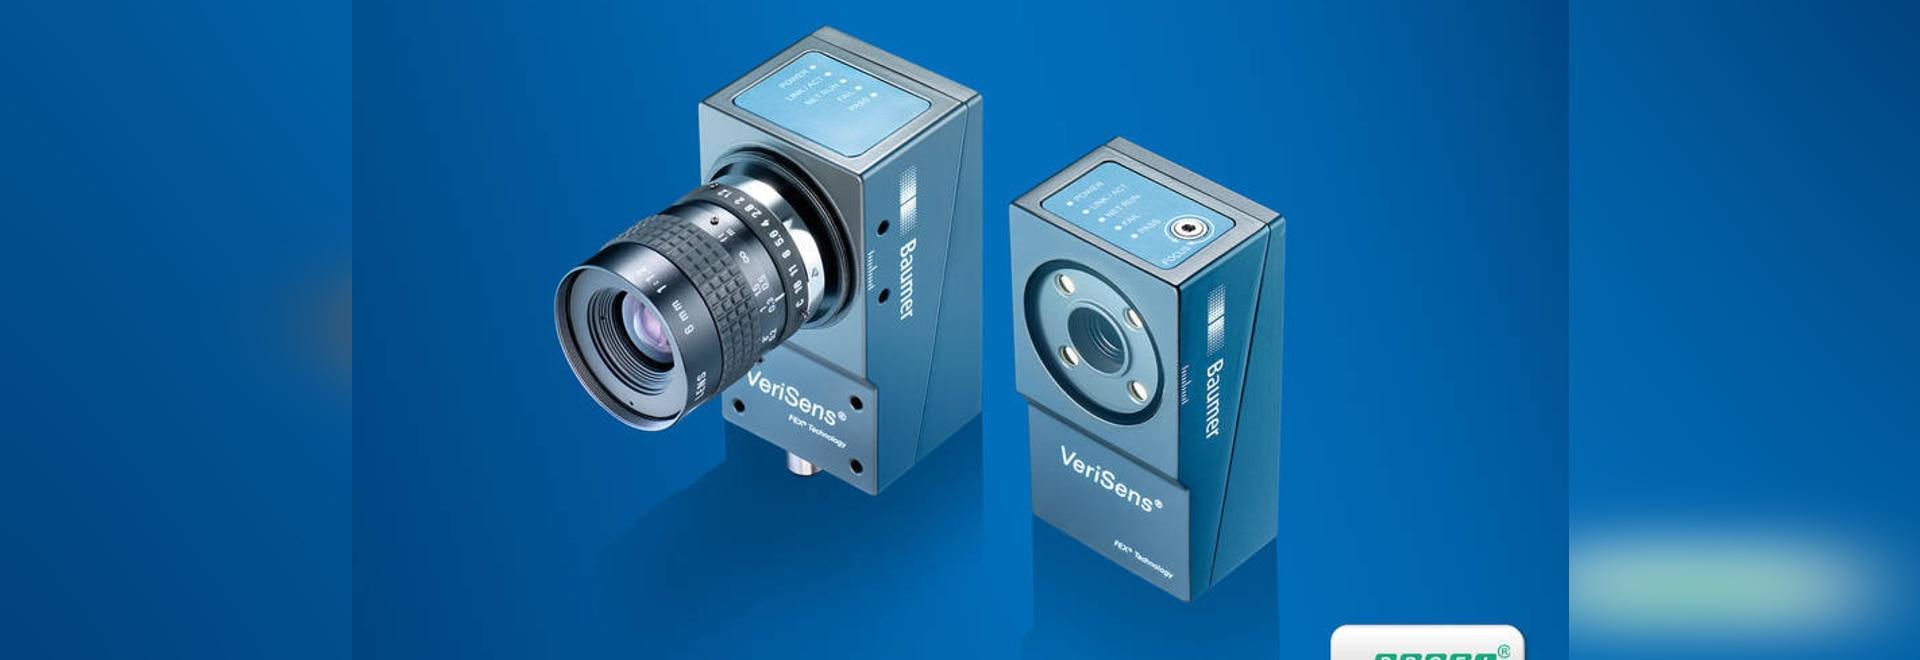 Multiplication par deux des résultats : 16 nouveaux capteurs de vision VeriSens augmentent la productivité